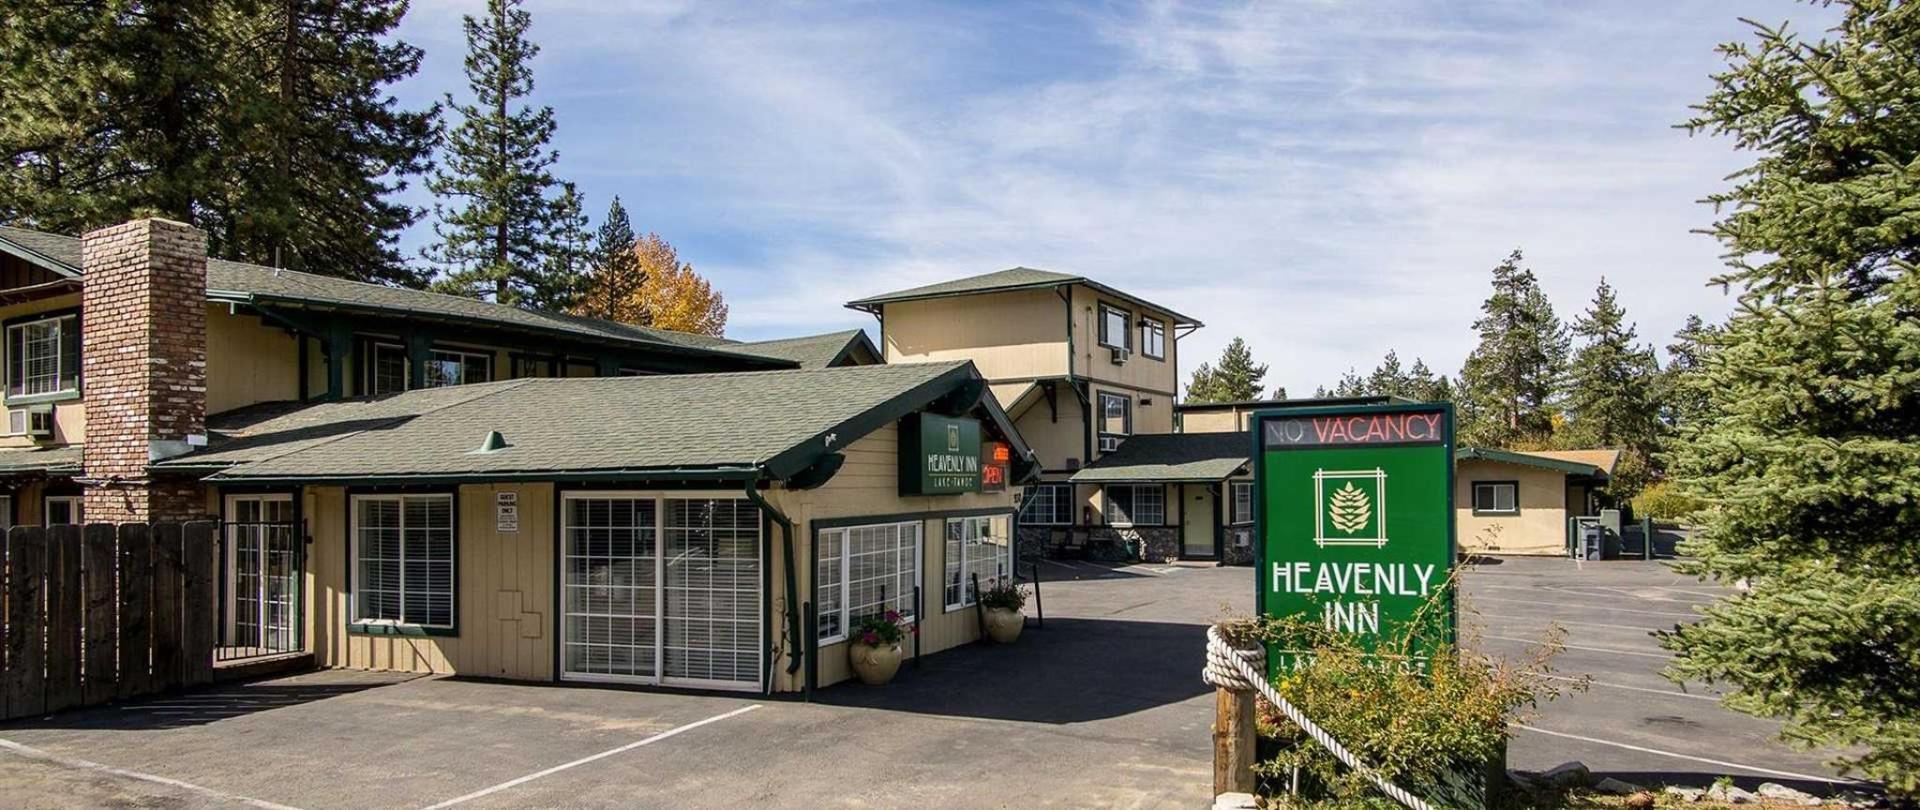 Heavenly Inn Lake Tahoe